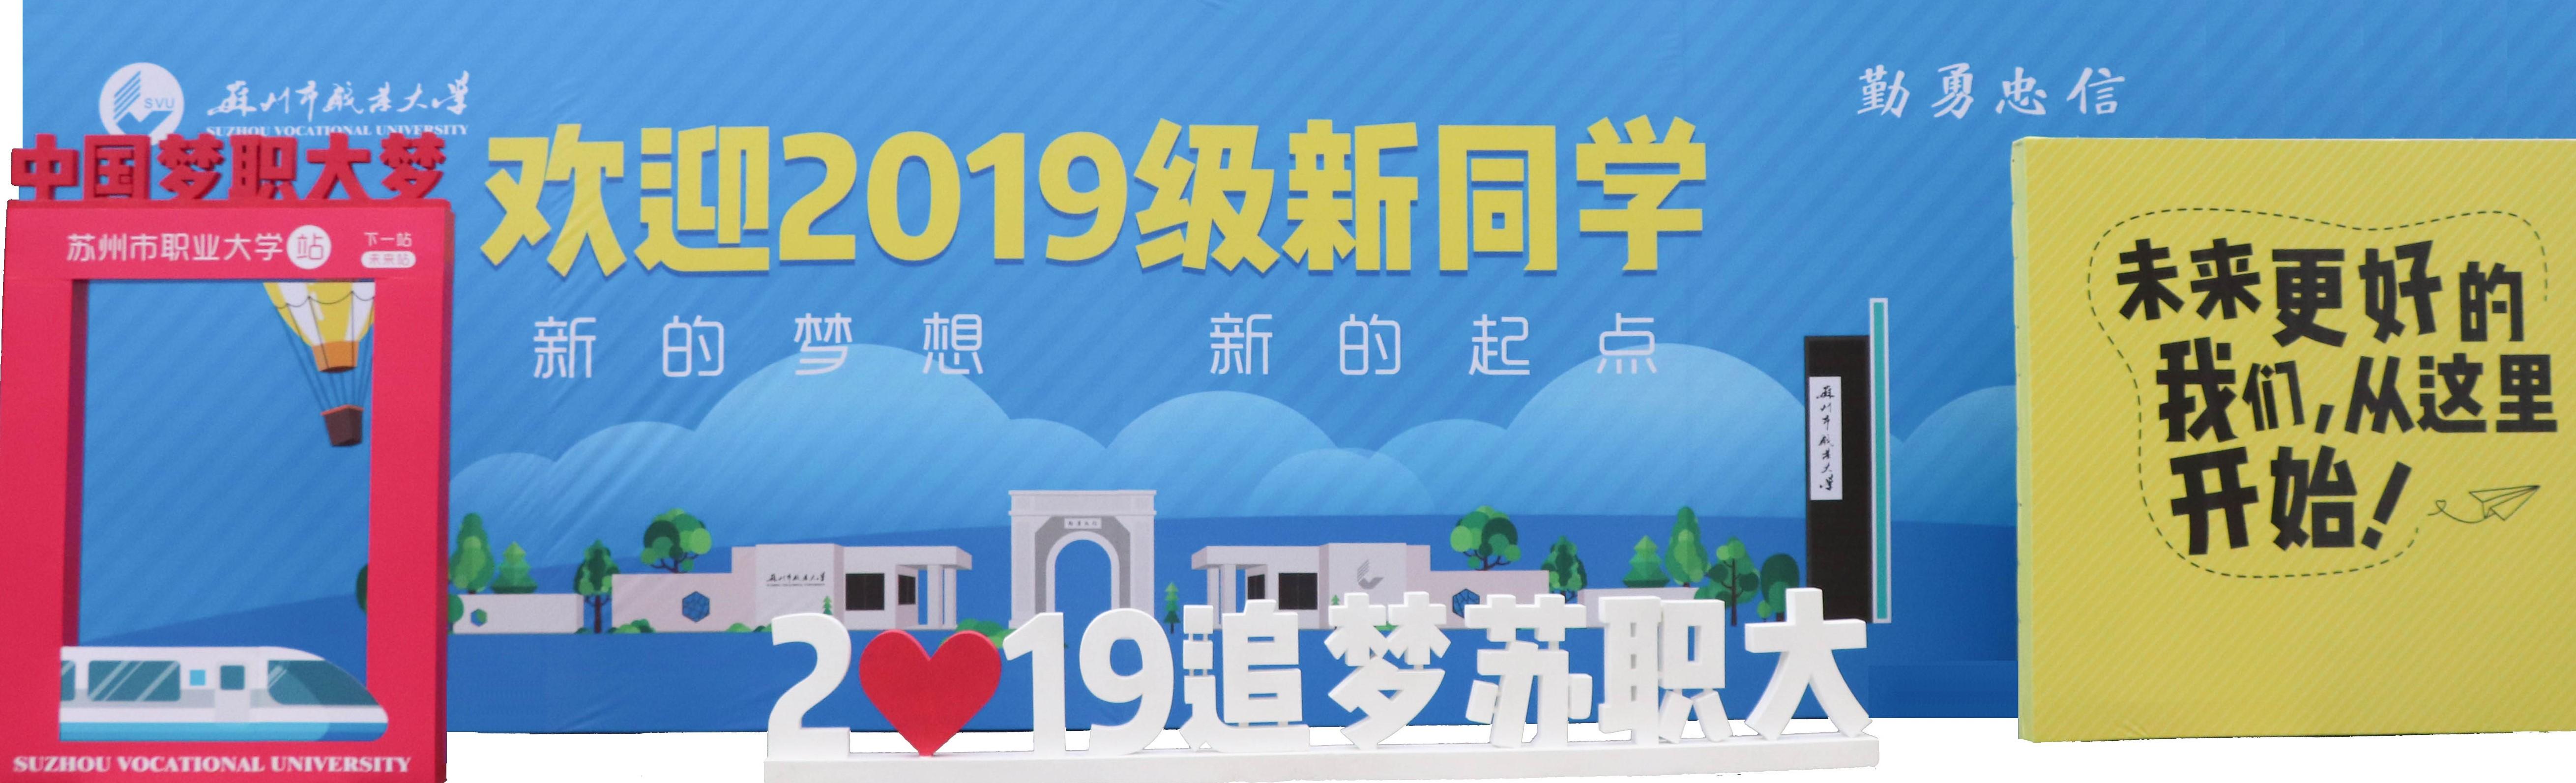 苏州市职业大学2019级迎新活动图文直播